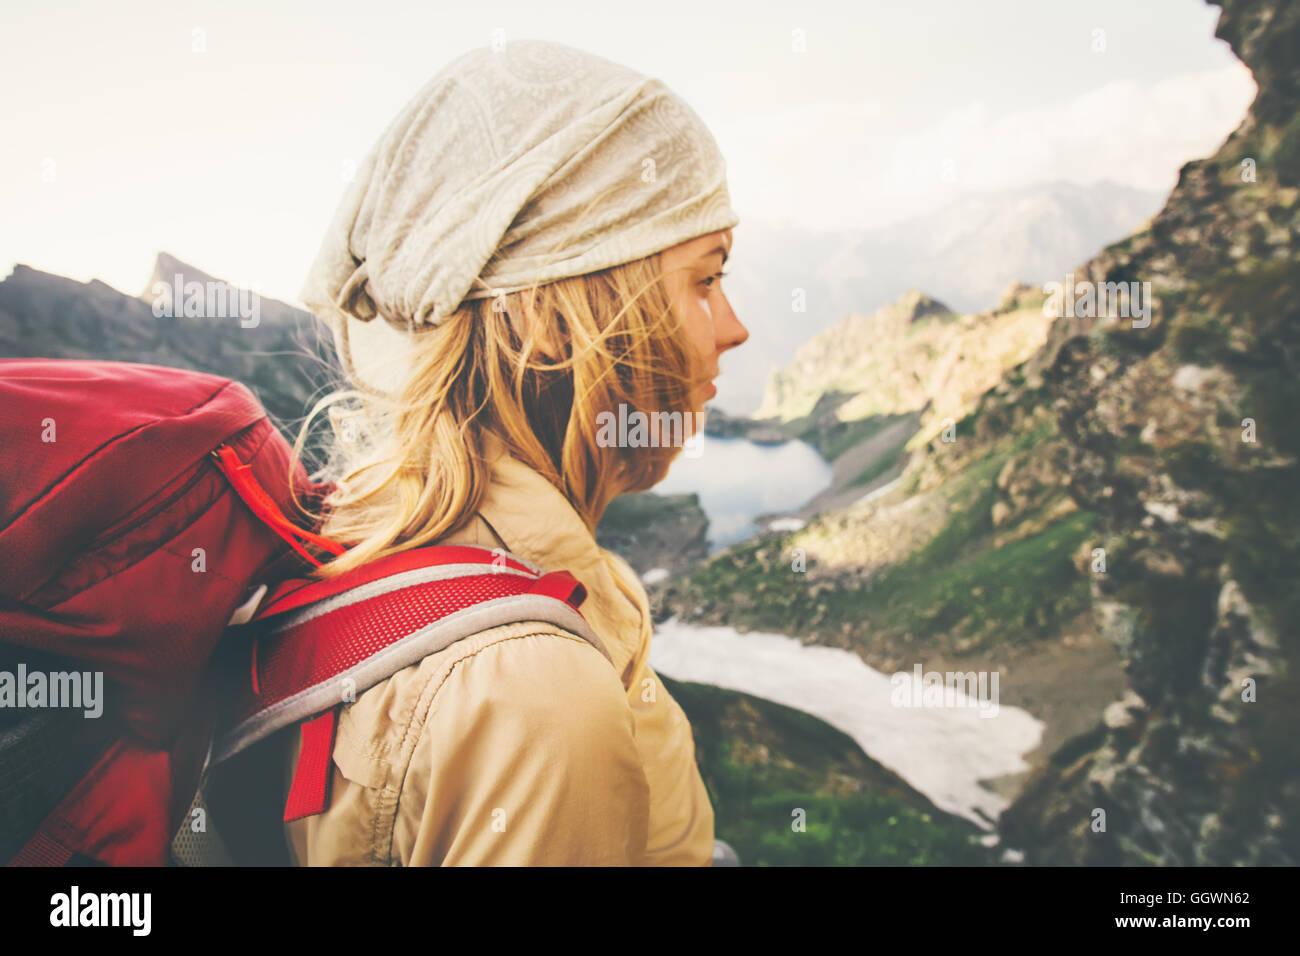 Junge Frau mit roten Rucksack wandern allein reisen Lifestyle Konzept See und die Berge Landschaft im Hintergrund Stockbild